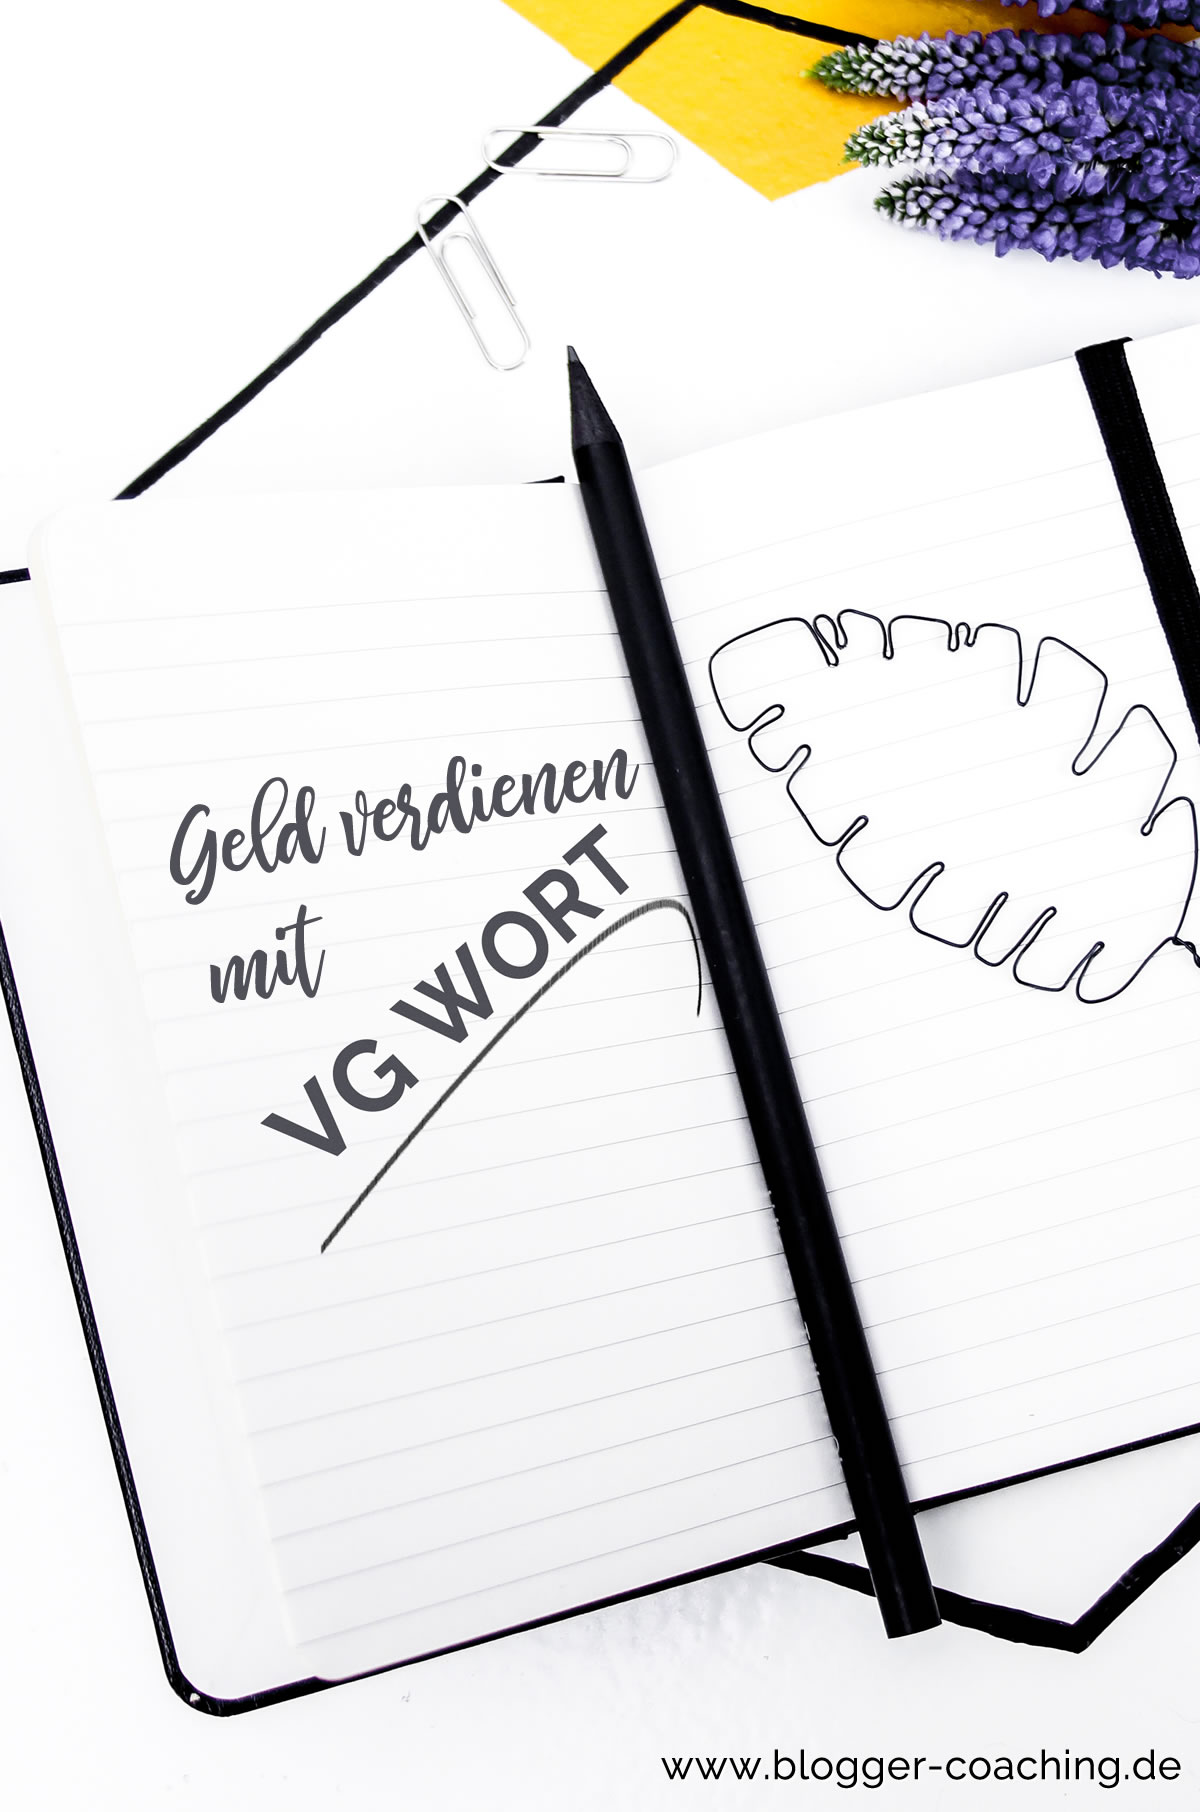 VG Wort - Nebenher Geld verdienen mit dem Blog | Blogger-Coaching.de - Dein Weg zum Blog-Erfolg #blogger #erfolg